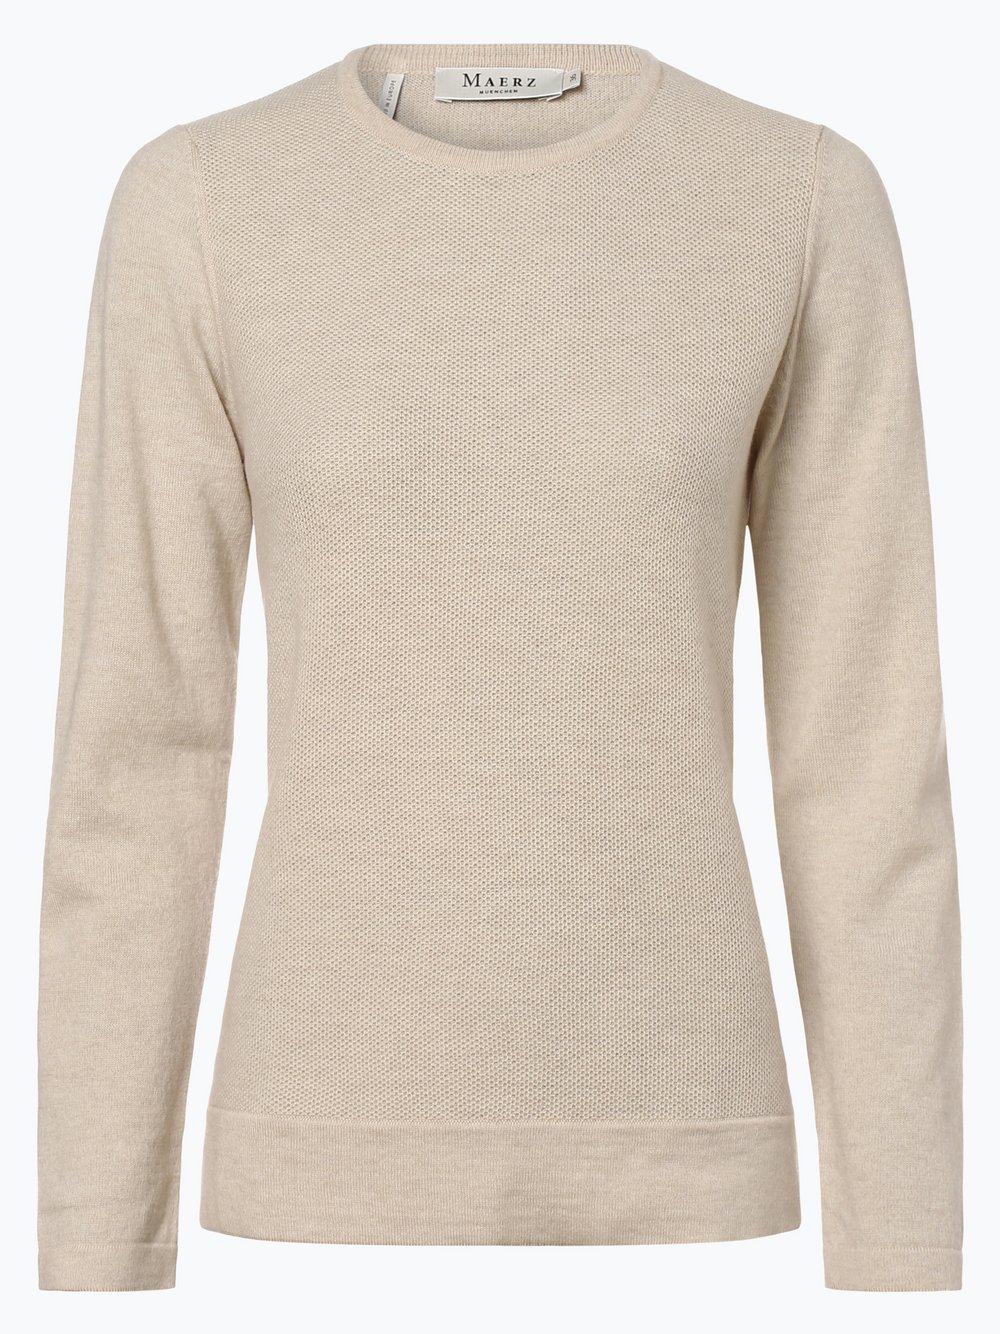 März – Damski sweter z wełny merino, różowy Van Graaf 448383-0001-00480